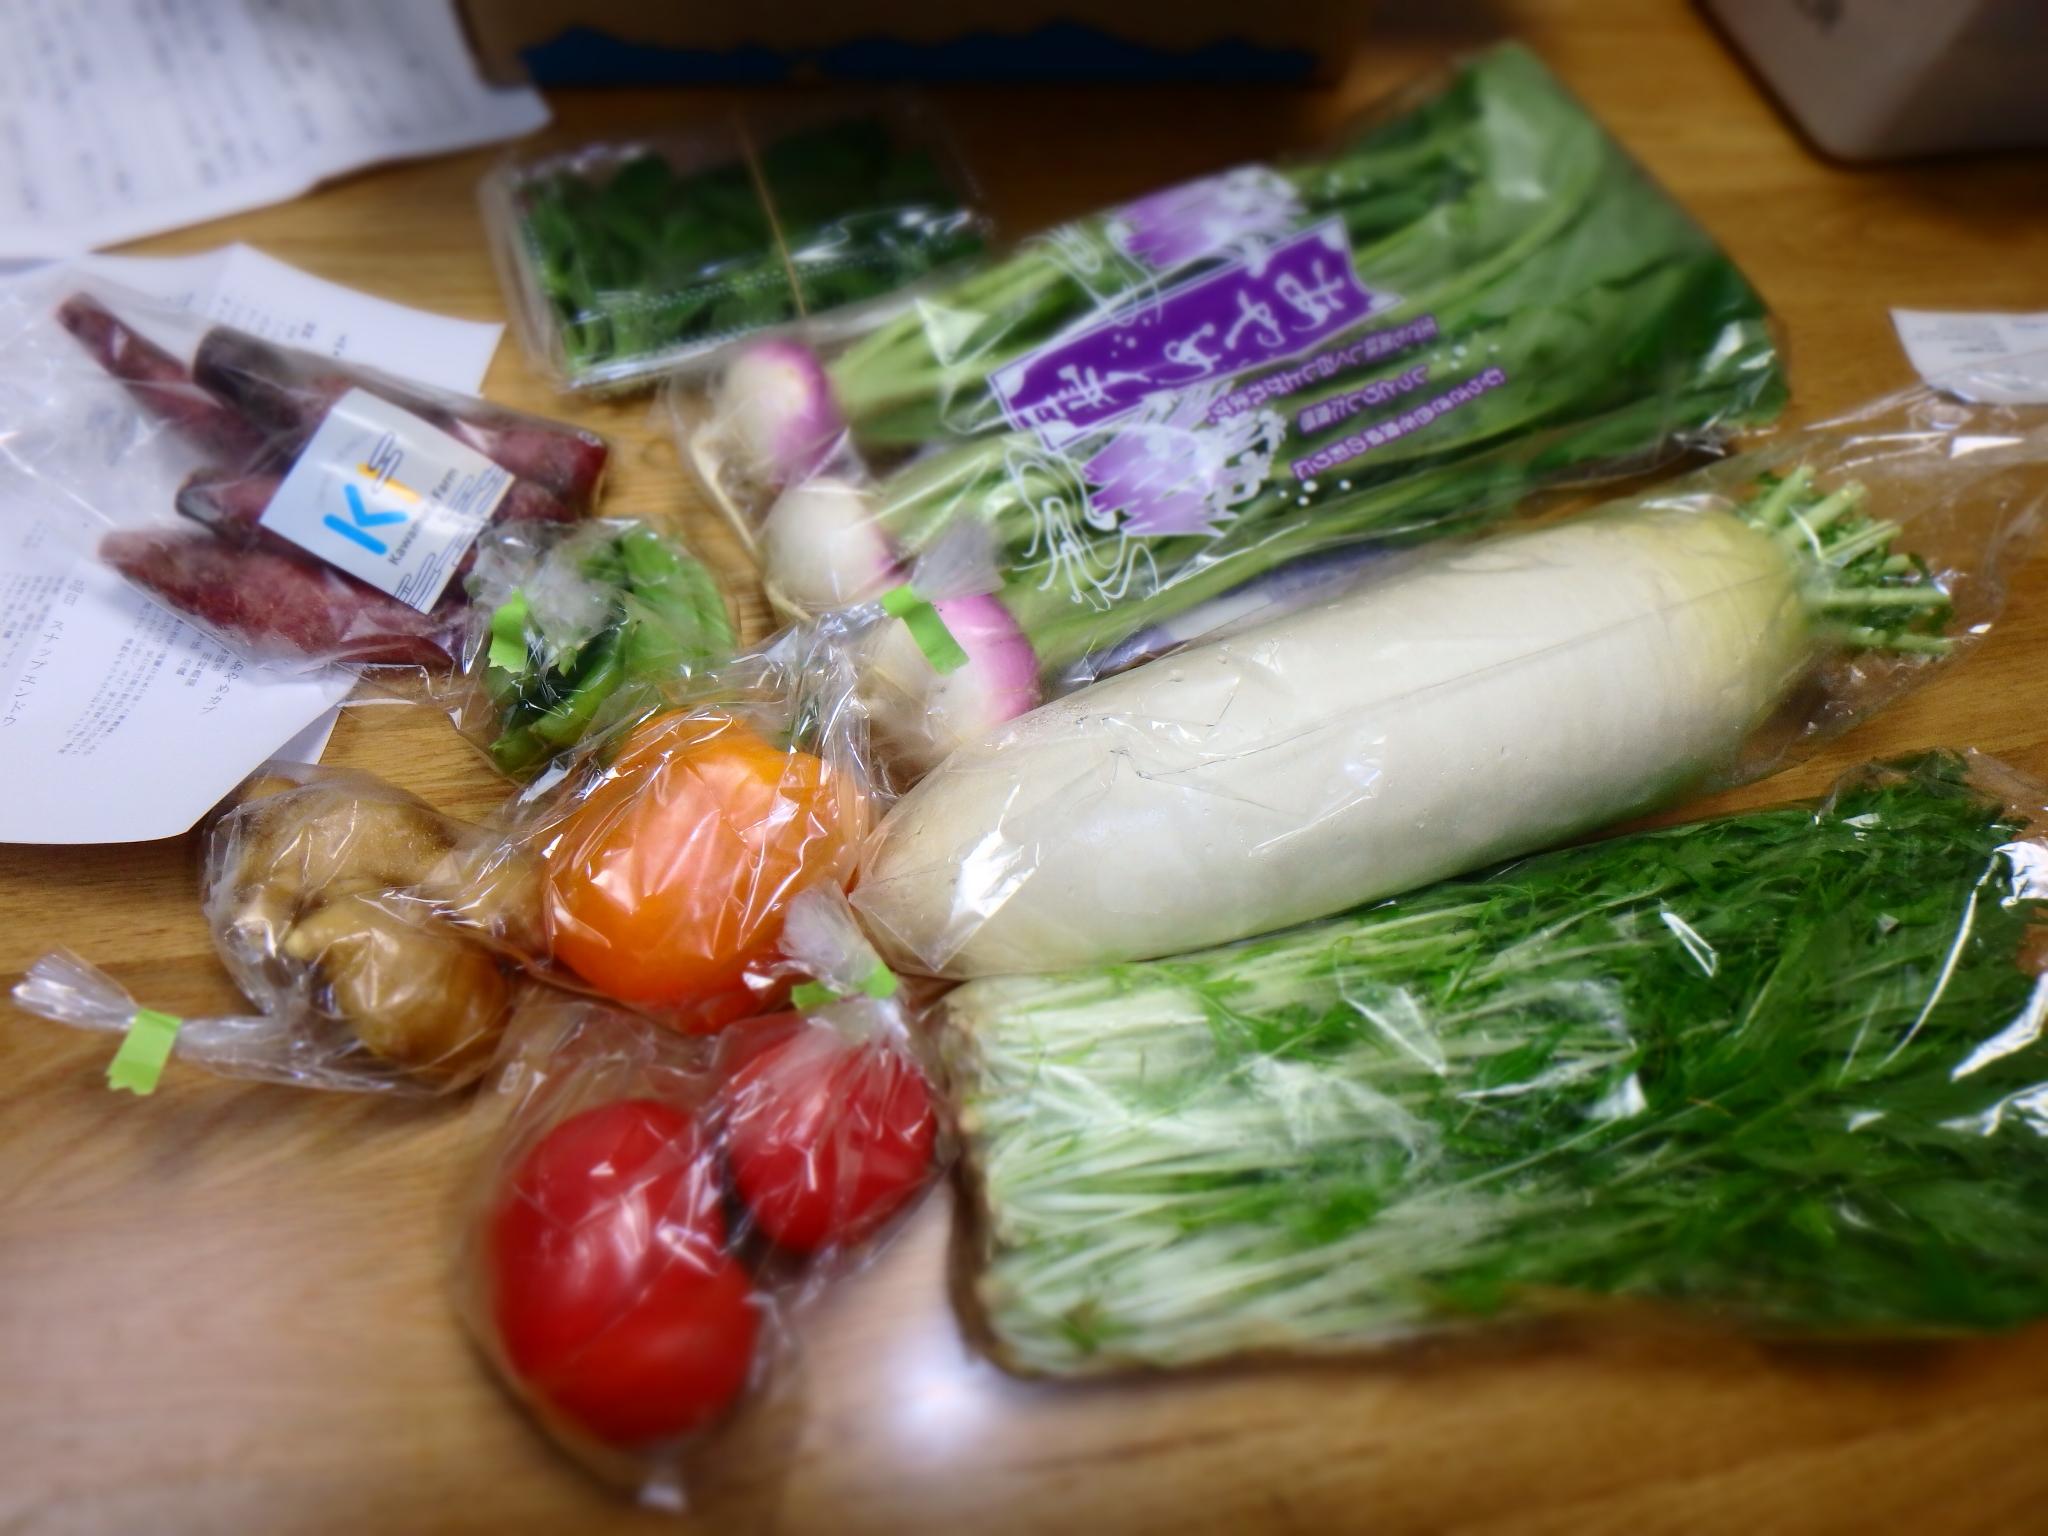 土佐野菜で届いた野菜の数々